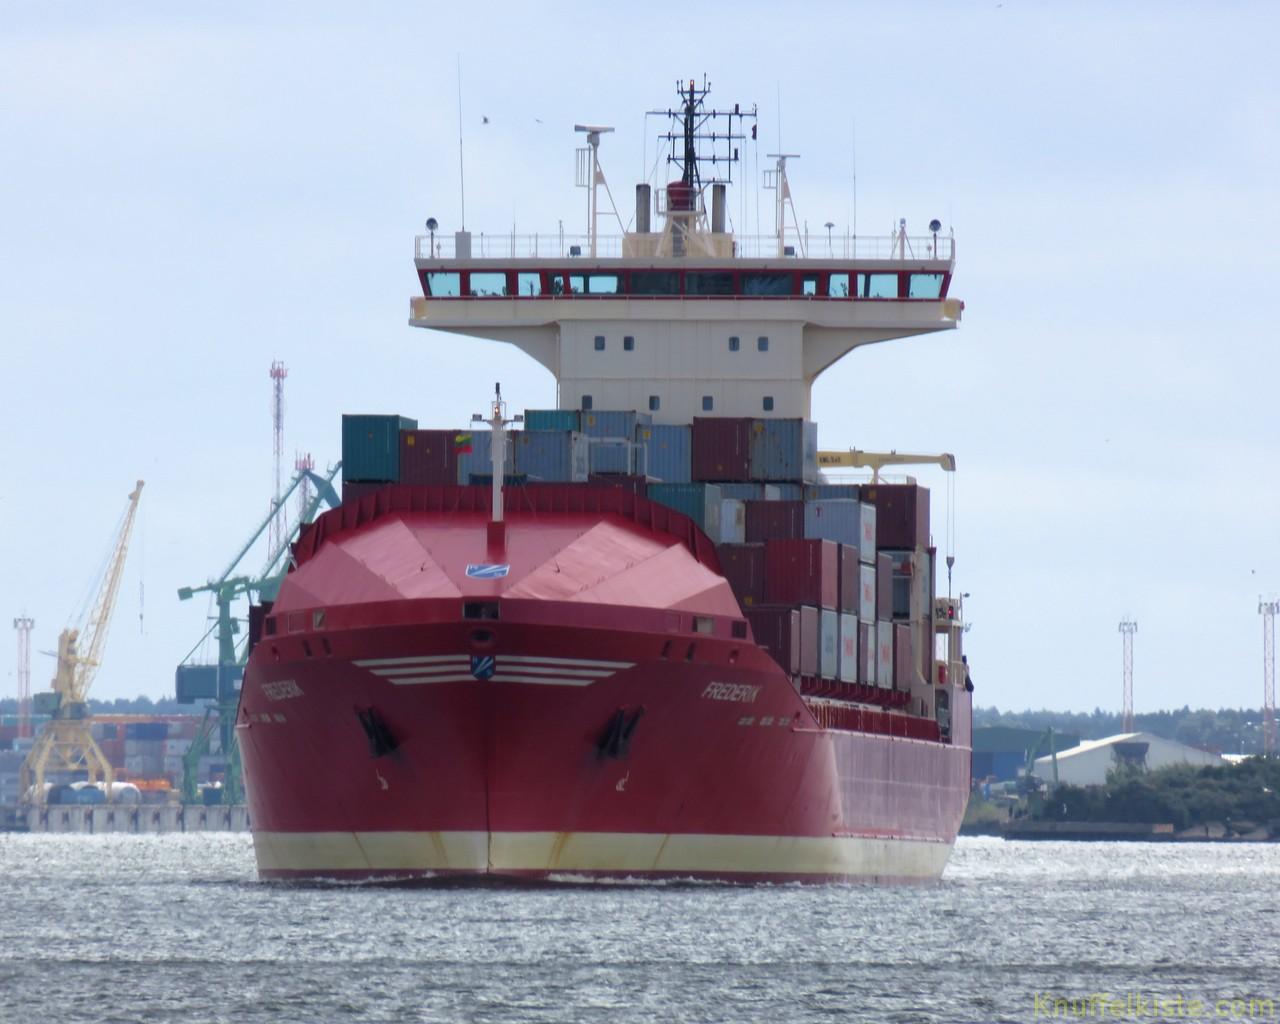 grosse Schiffe im Hafen nebenan!